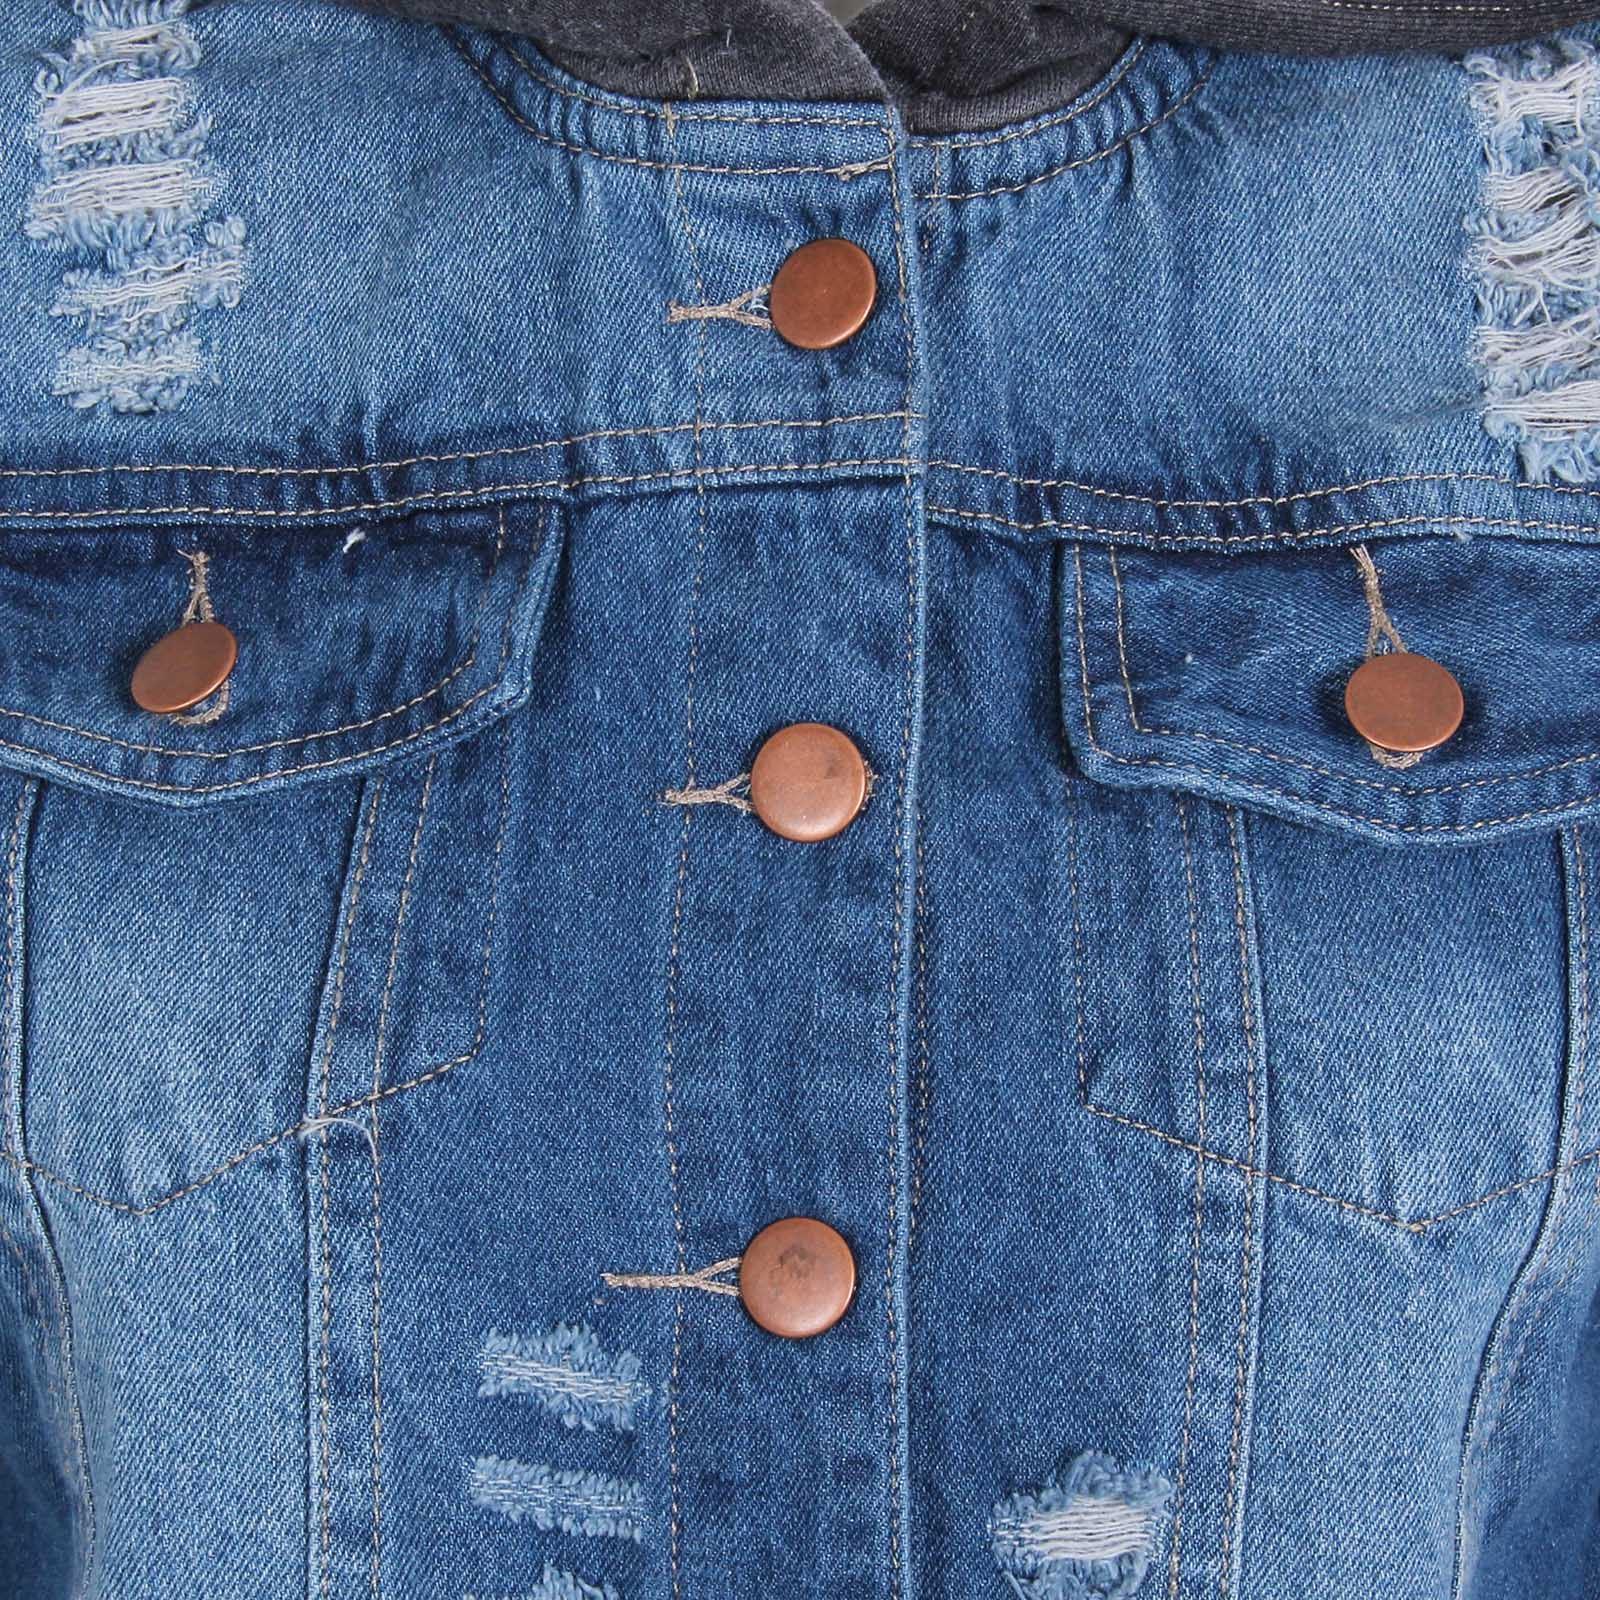 jeans jacke damen jersey rmel kapuze helle waschung ausgefranst denim biker ebay. Black Bedroom Furniture Sets. Home Design Ideas